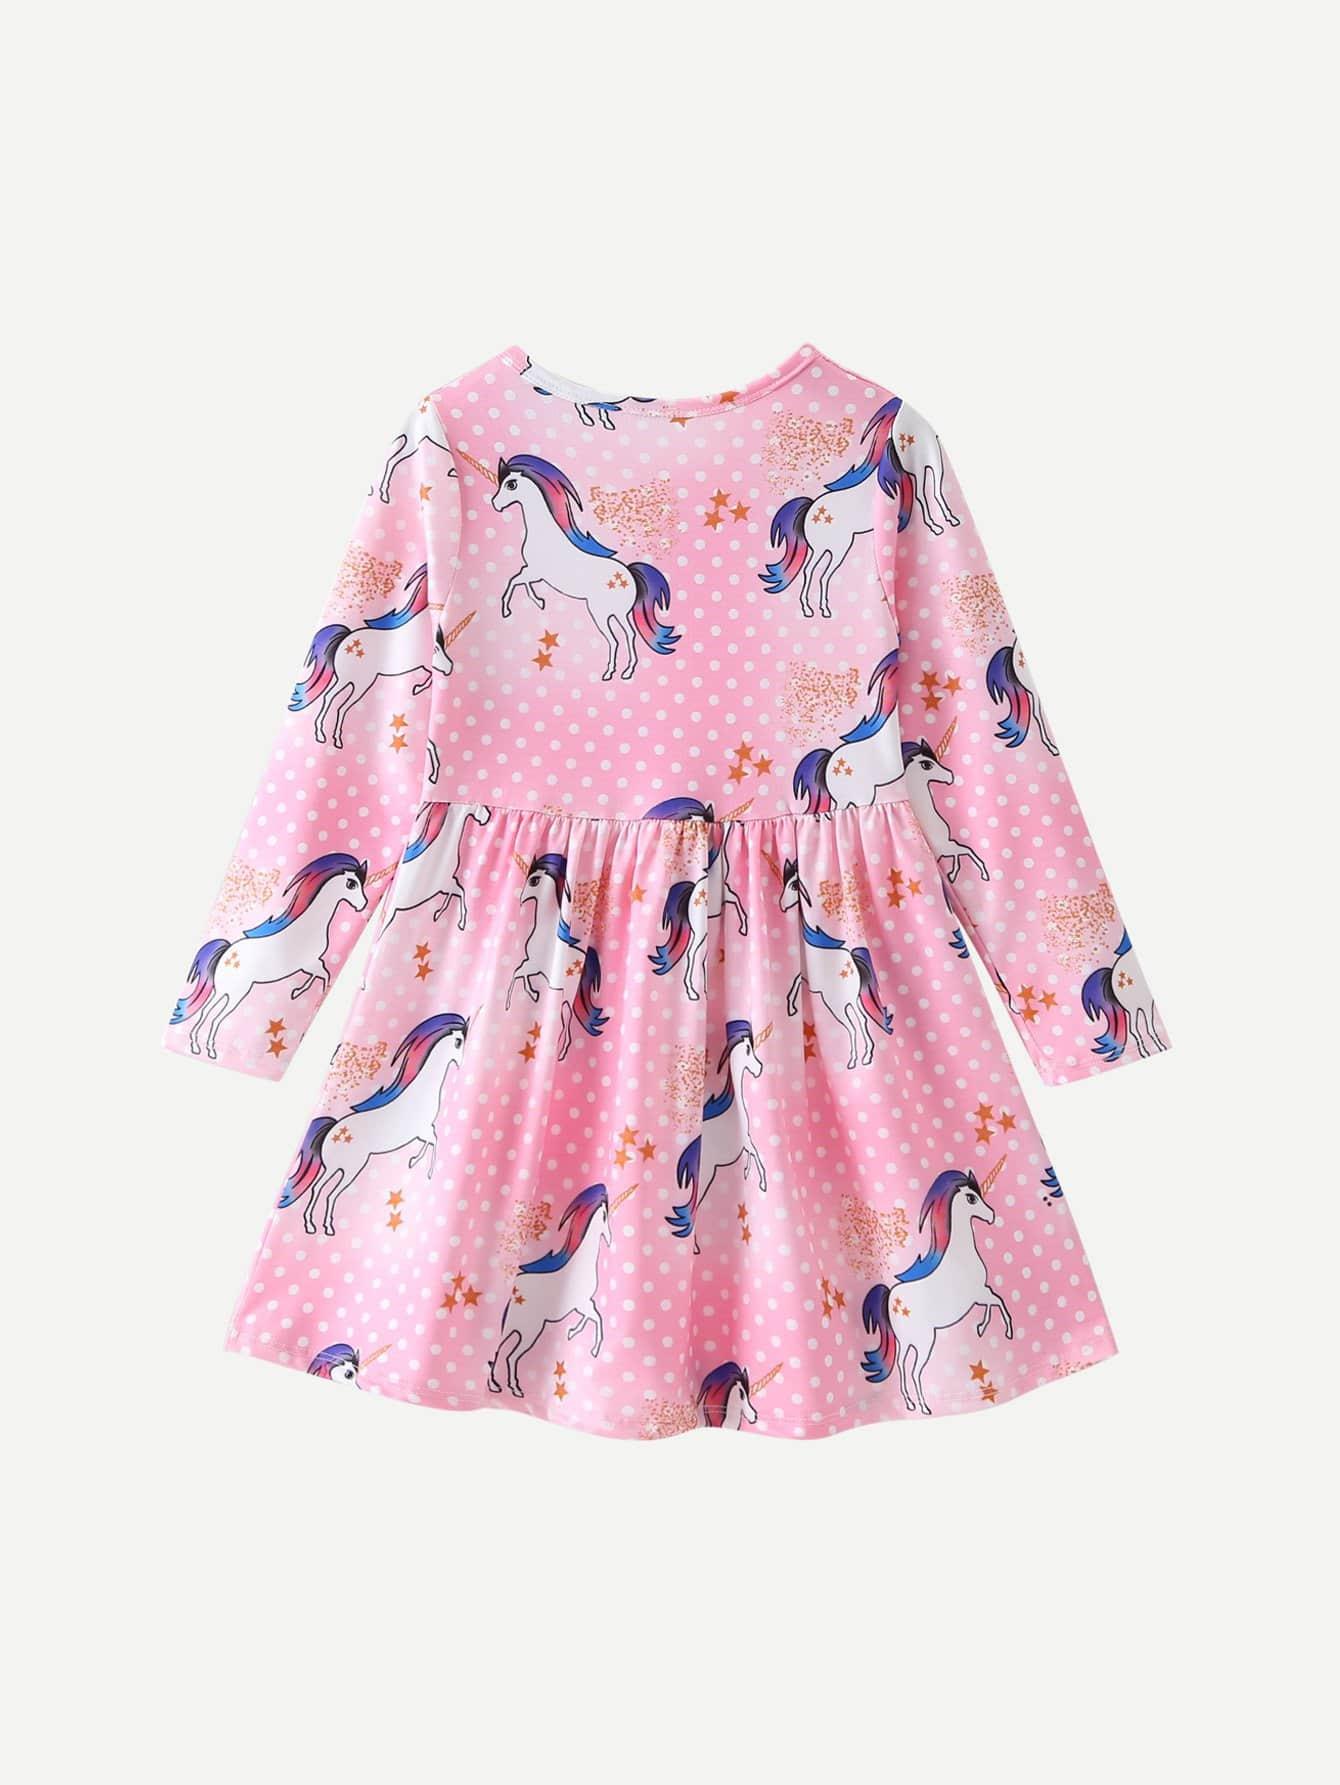 Mädchen Kleid Mit Aufdruck  Einhorn  Shein